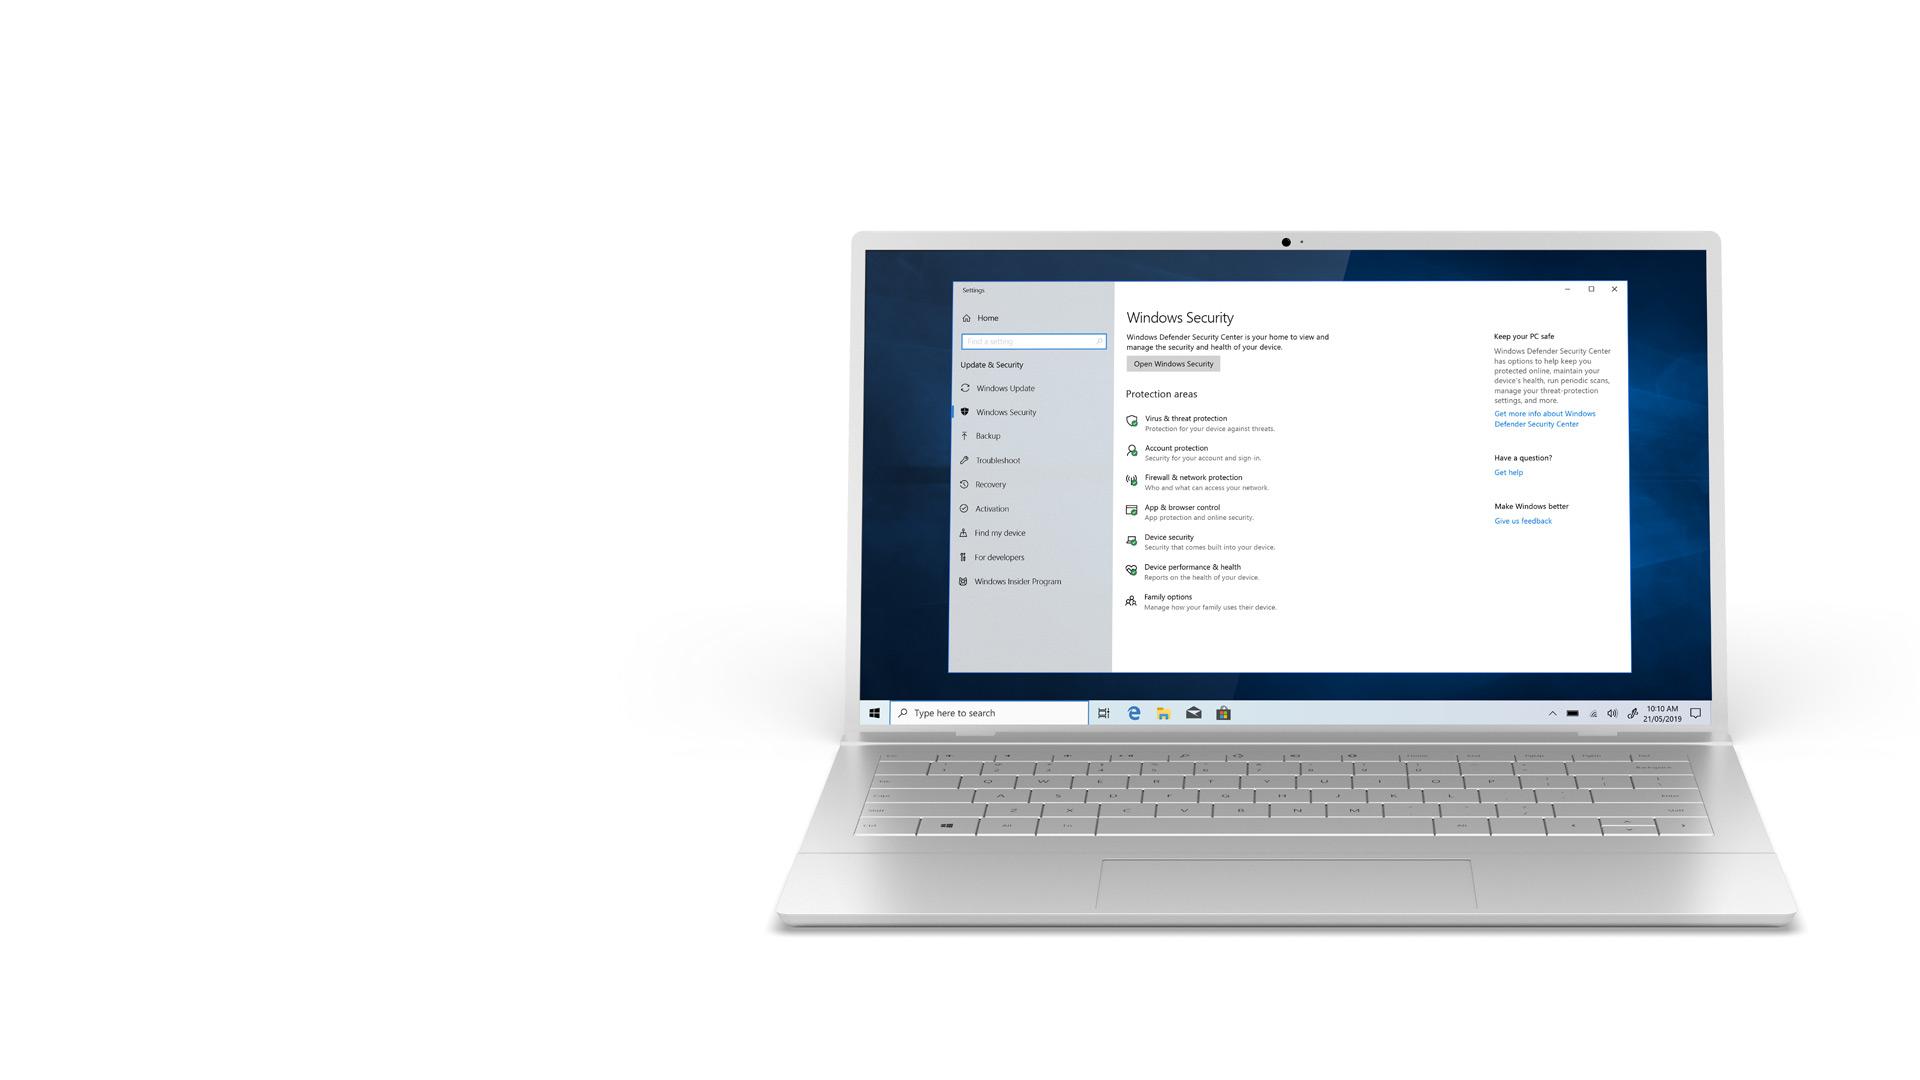 Windows 10-es laptop a Windows 10 biztonsági központjának képernyőjével